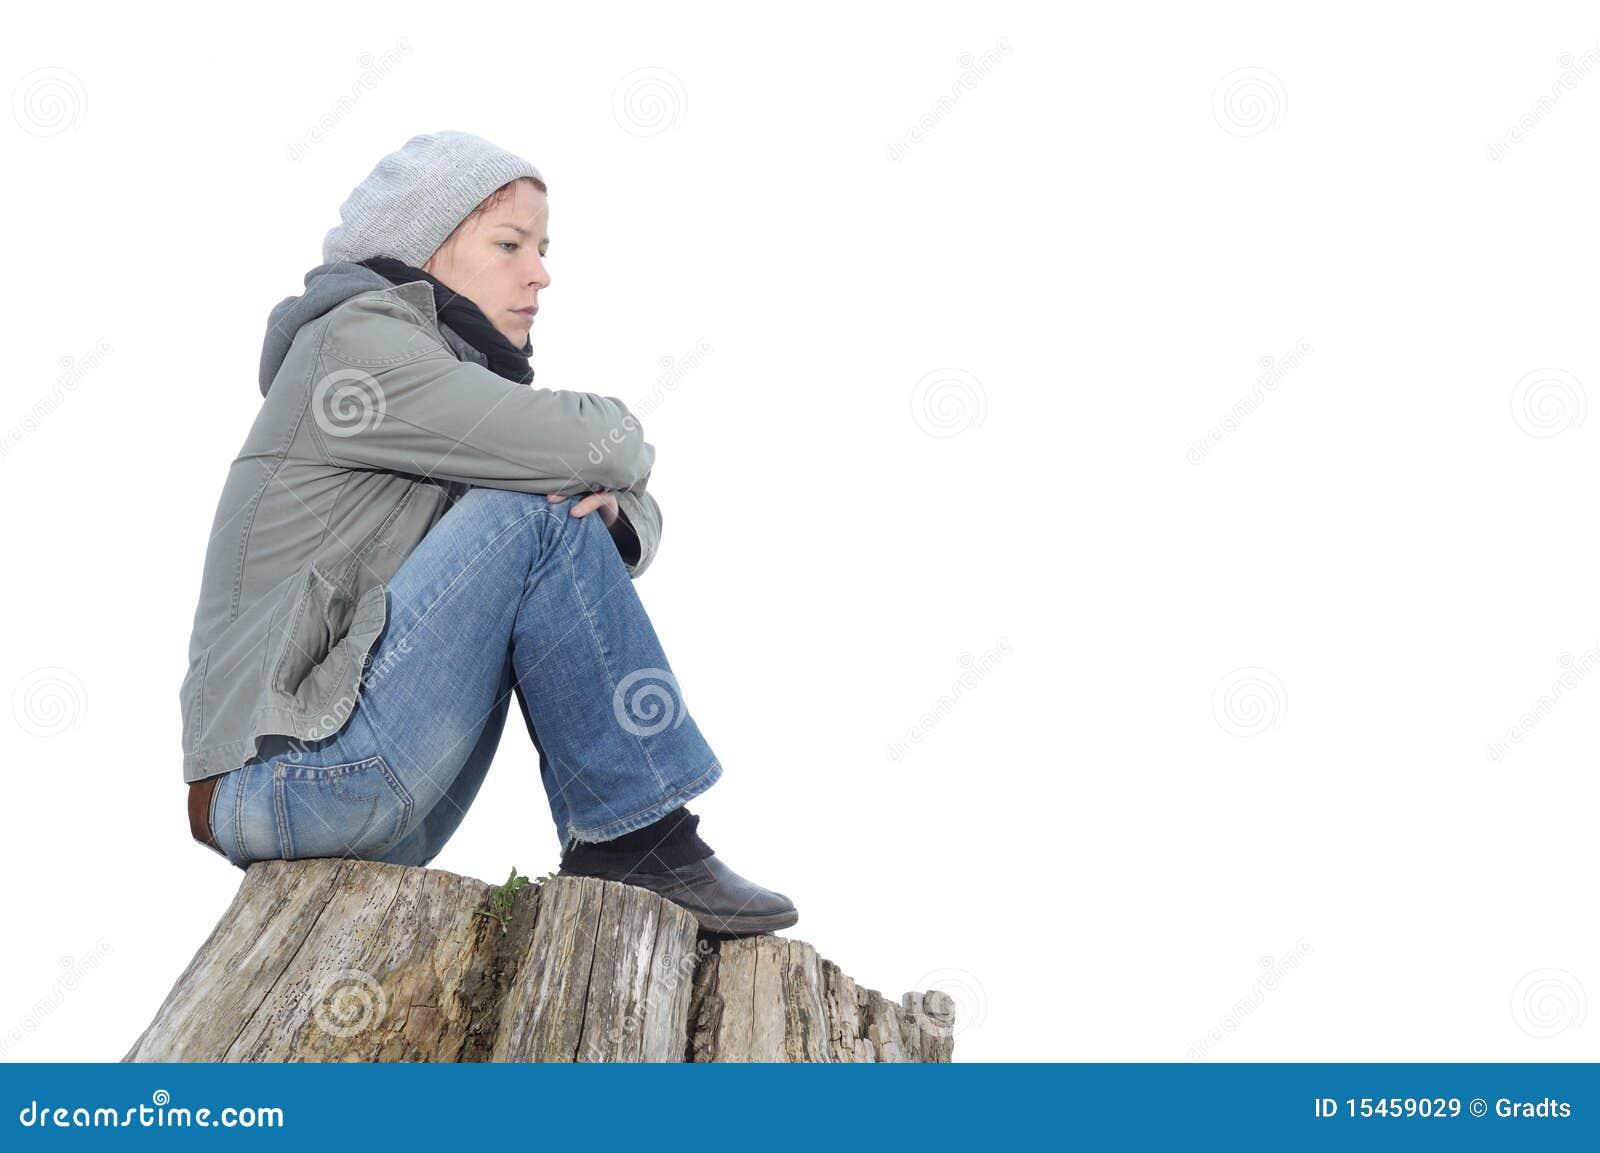 Traurig Und Einsam Lizenzfreie Stockbilder - Bild: 15459029